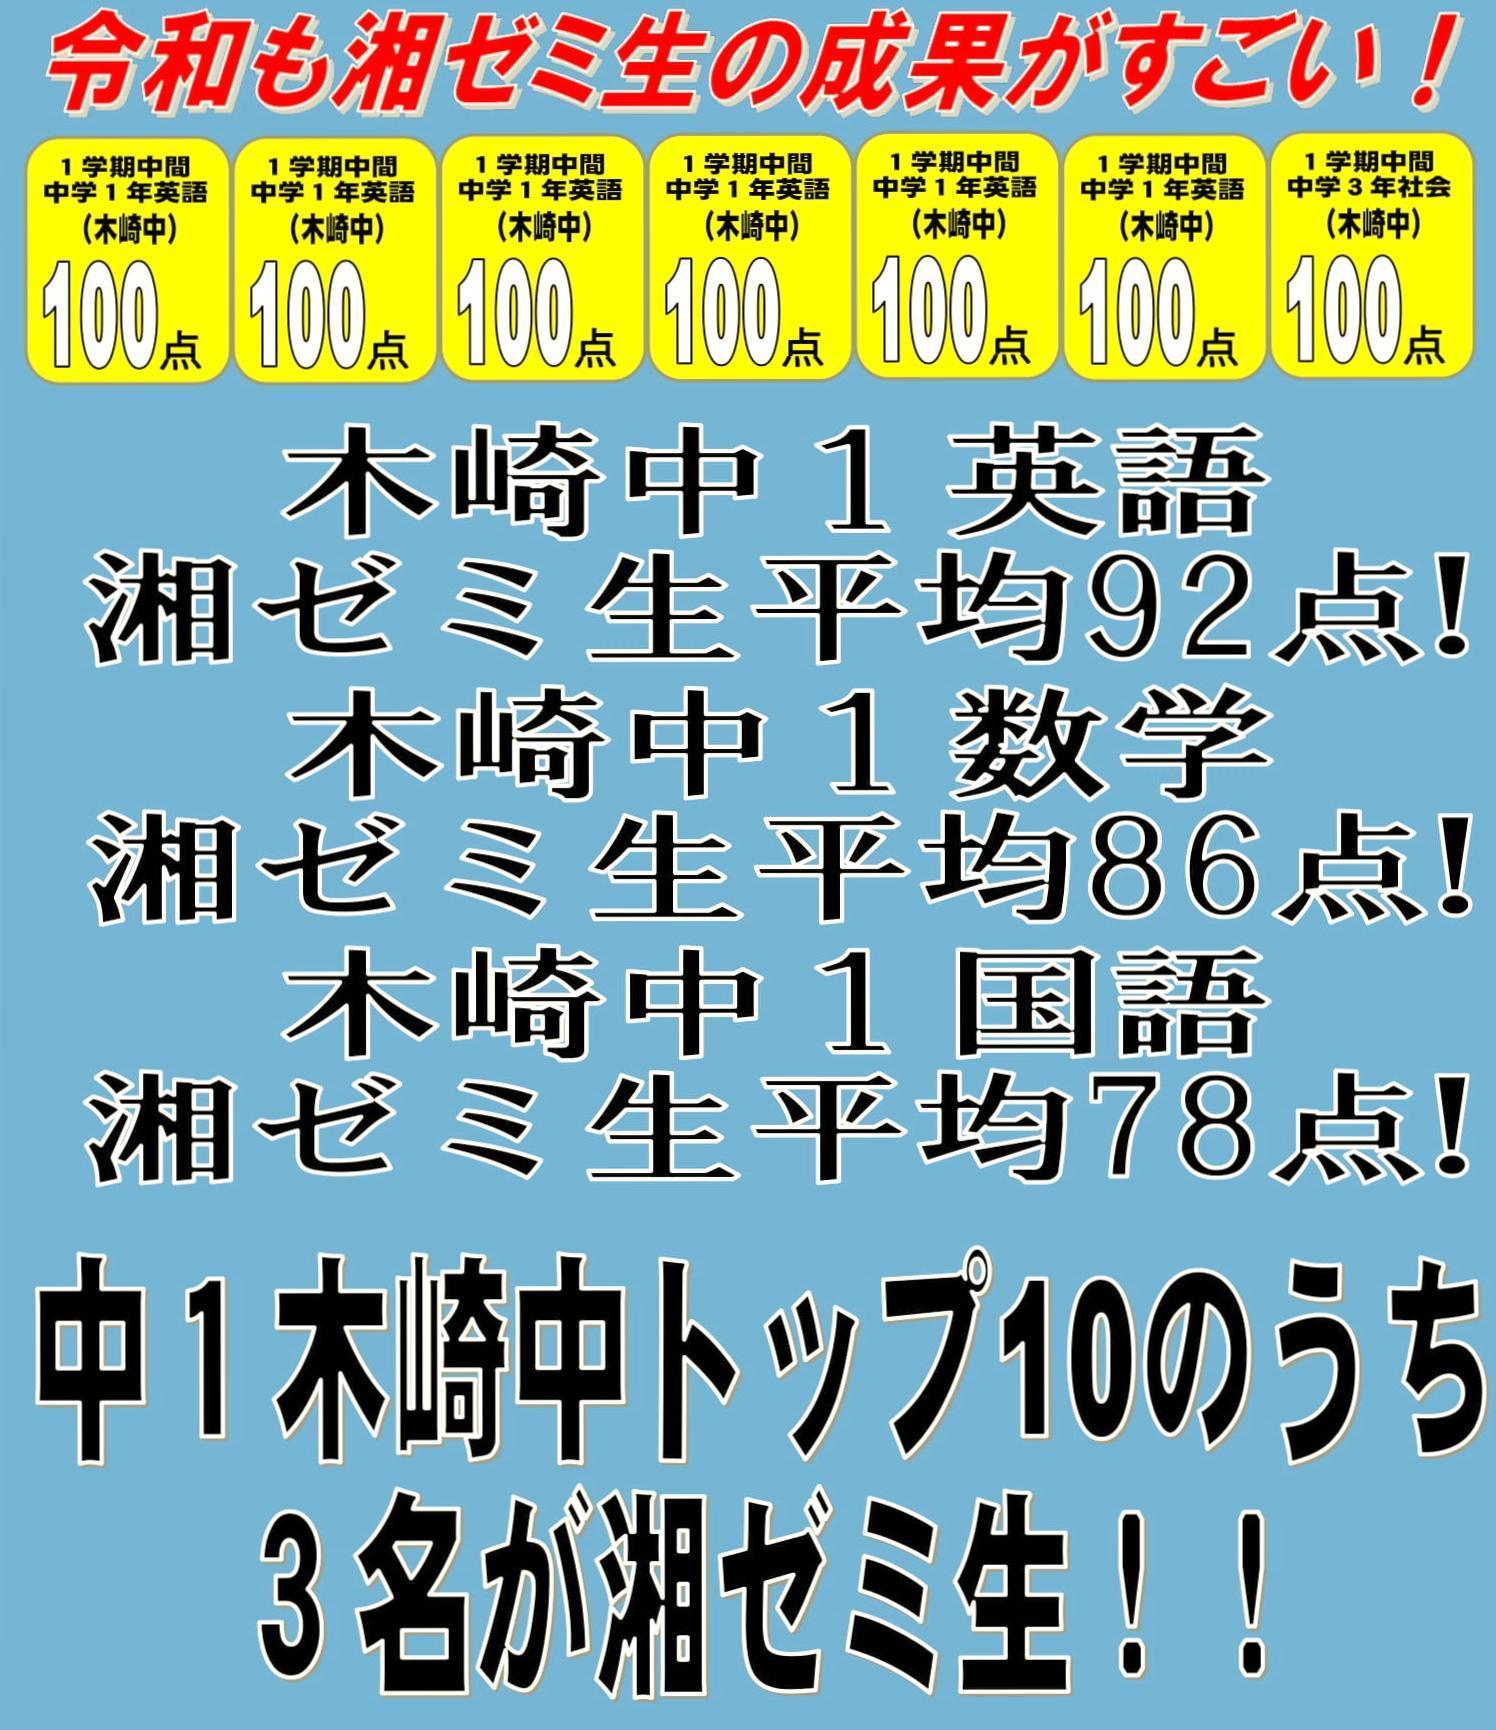 定期テスト結果速報3-1.jpg